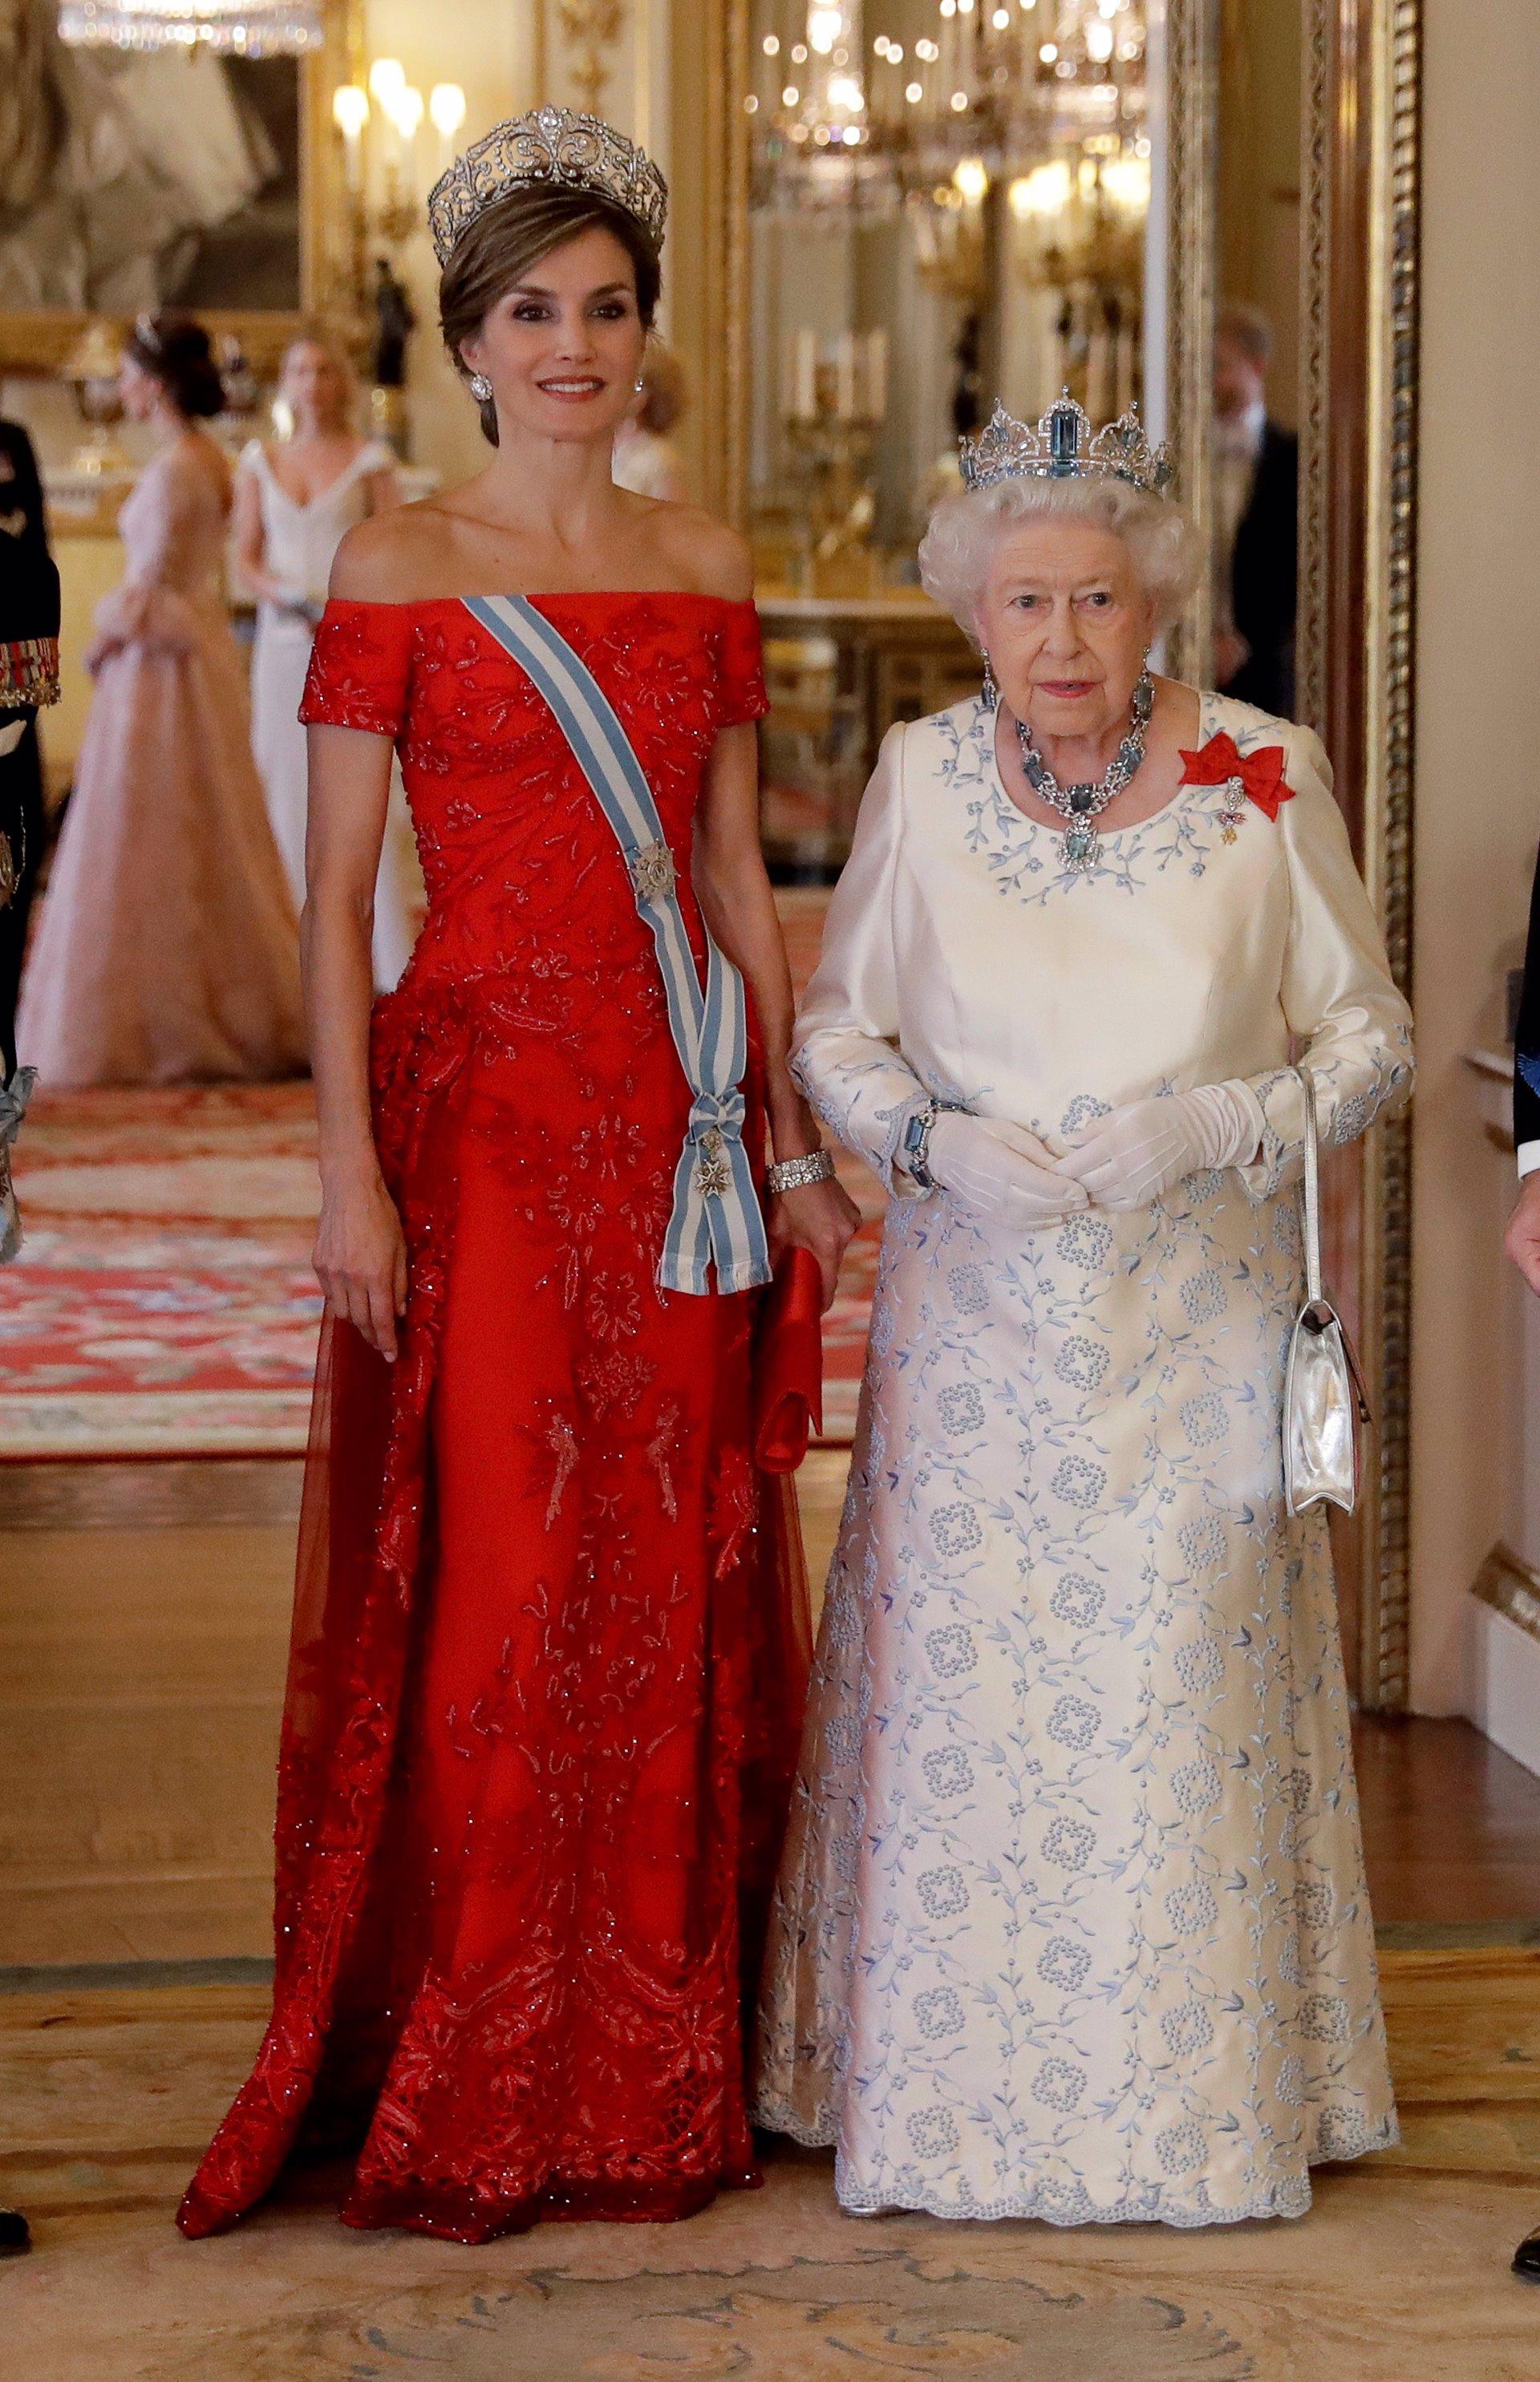 Cena de Gala a los Reyes de España en el Palacio de Buckingham con la Reina Isabel II, Letizia de Rojo con las pulseras gemelas de Cartier (joyas de pasar)